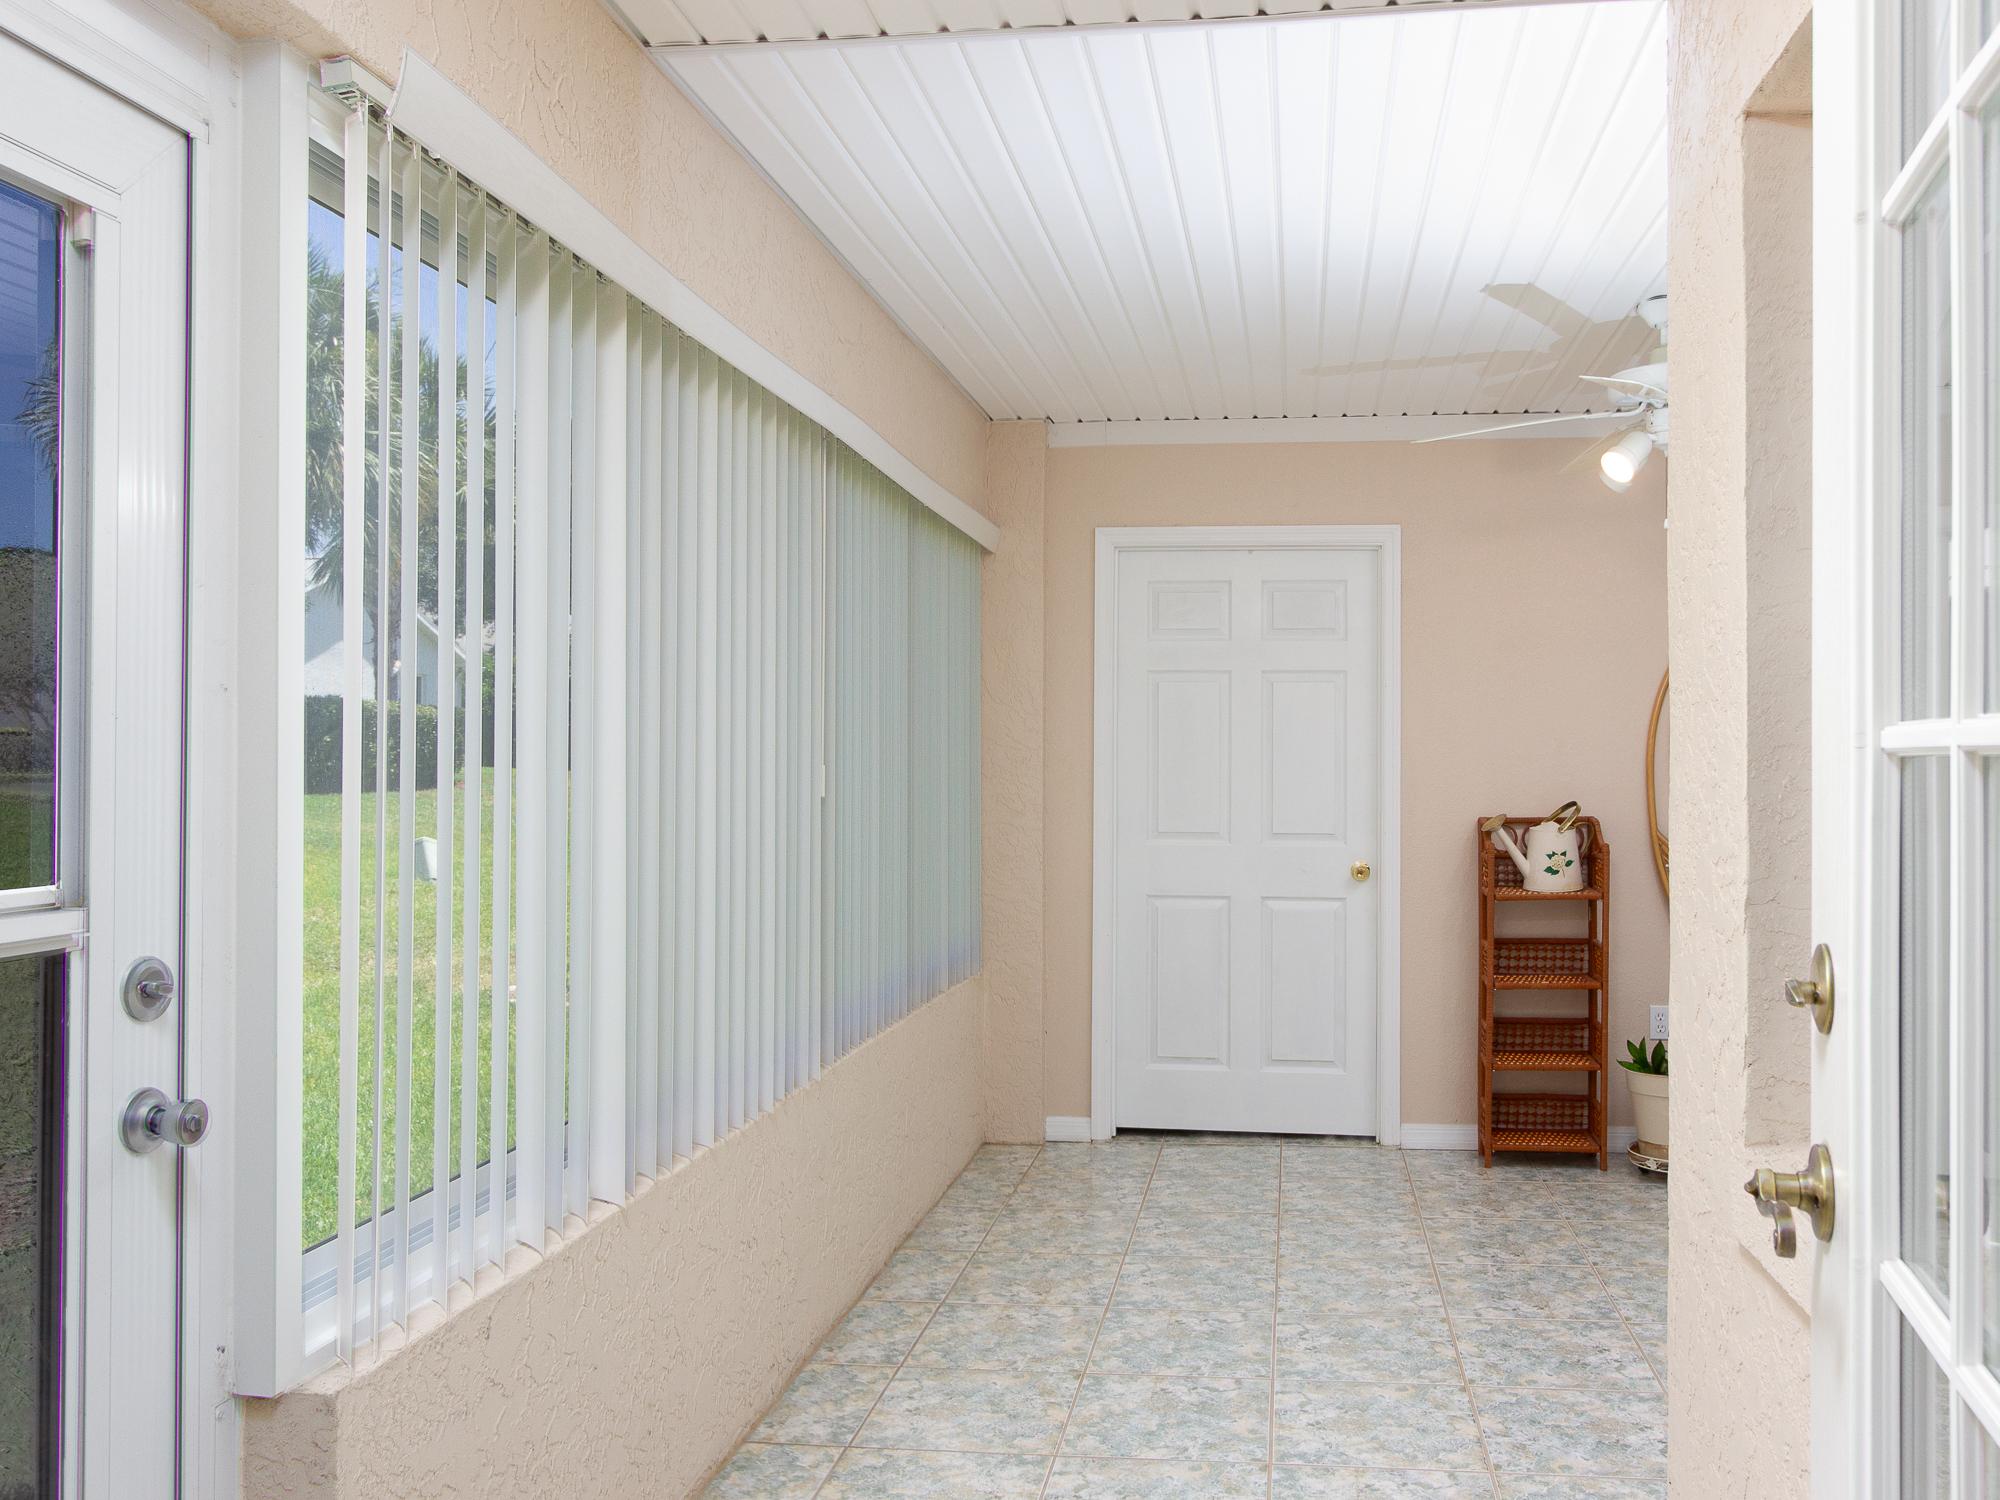 17431-SE-110th-Terrace-Summerfield-FL-34491-127-of-39